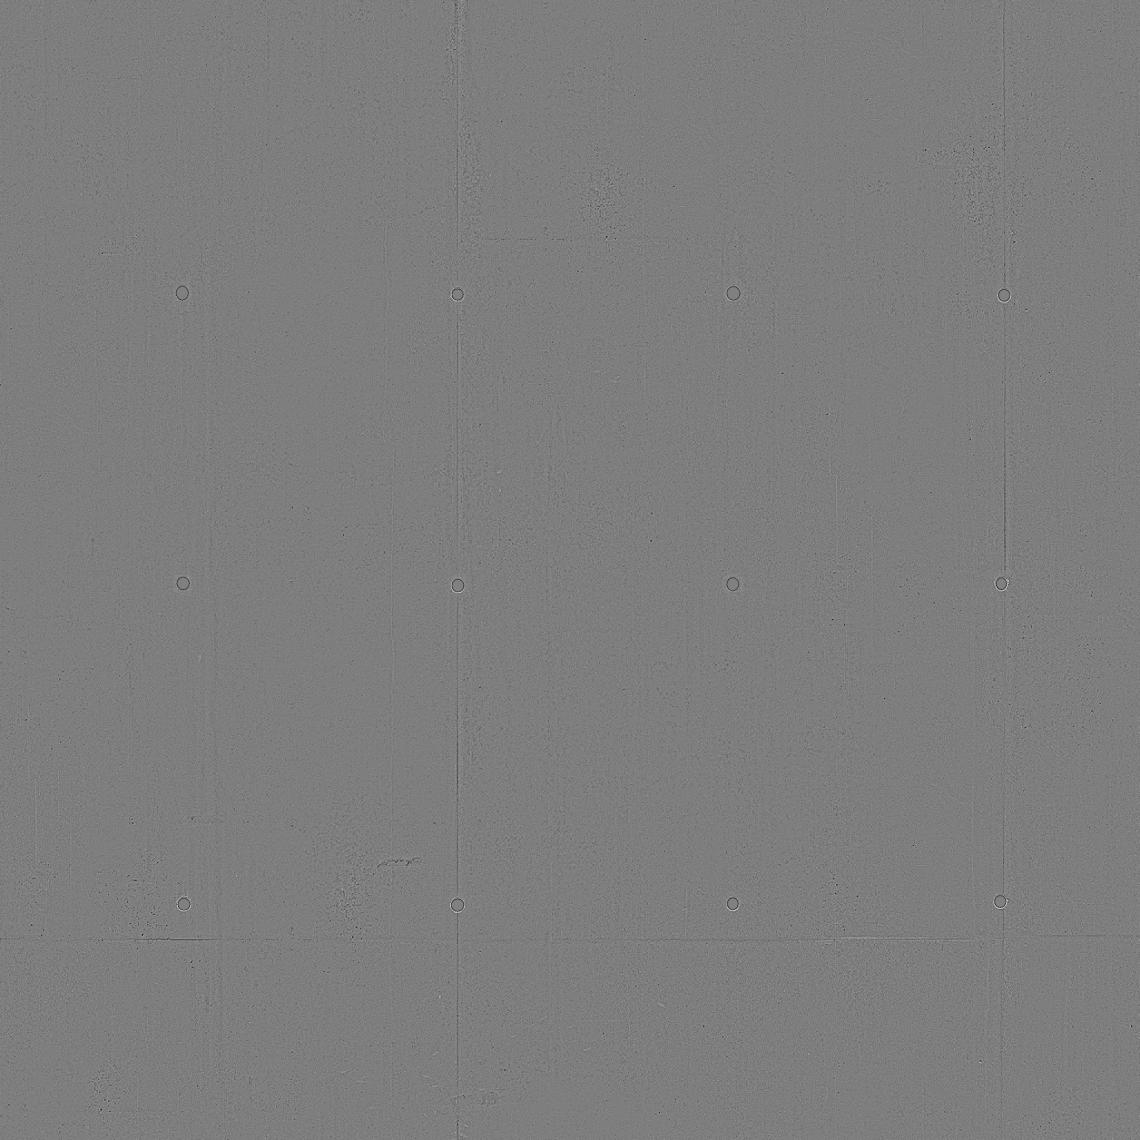 Concrete-Plain-09-Curvature